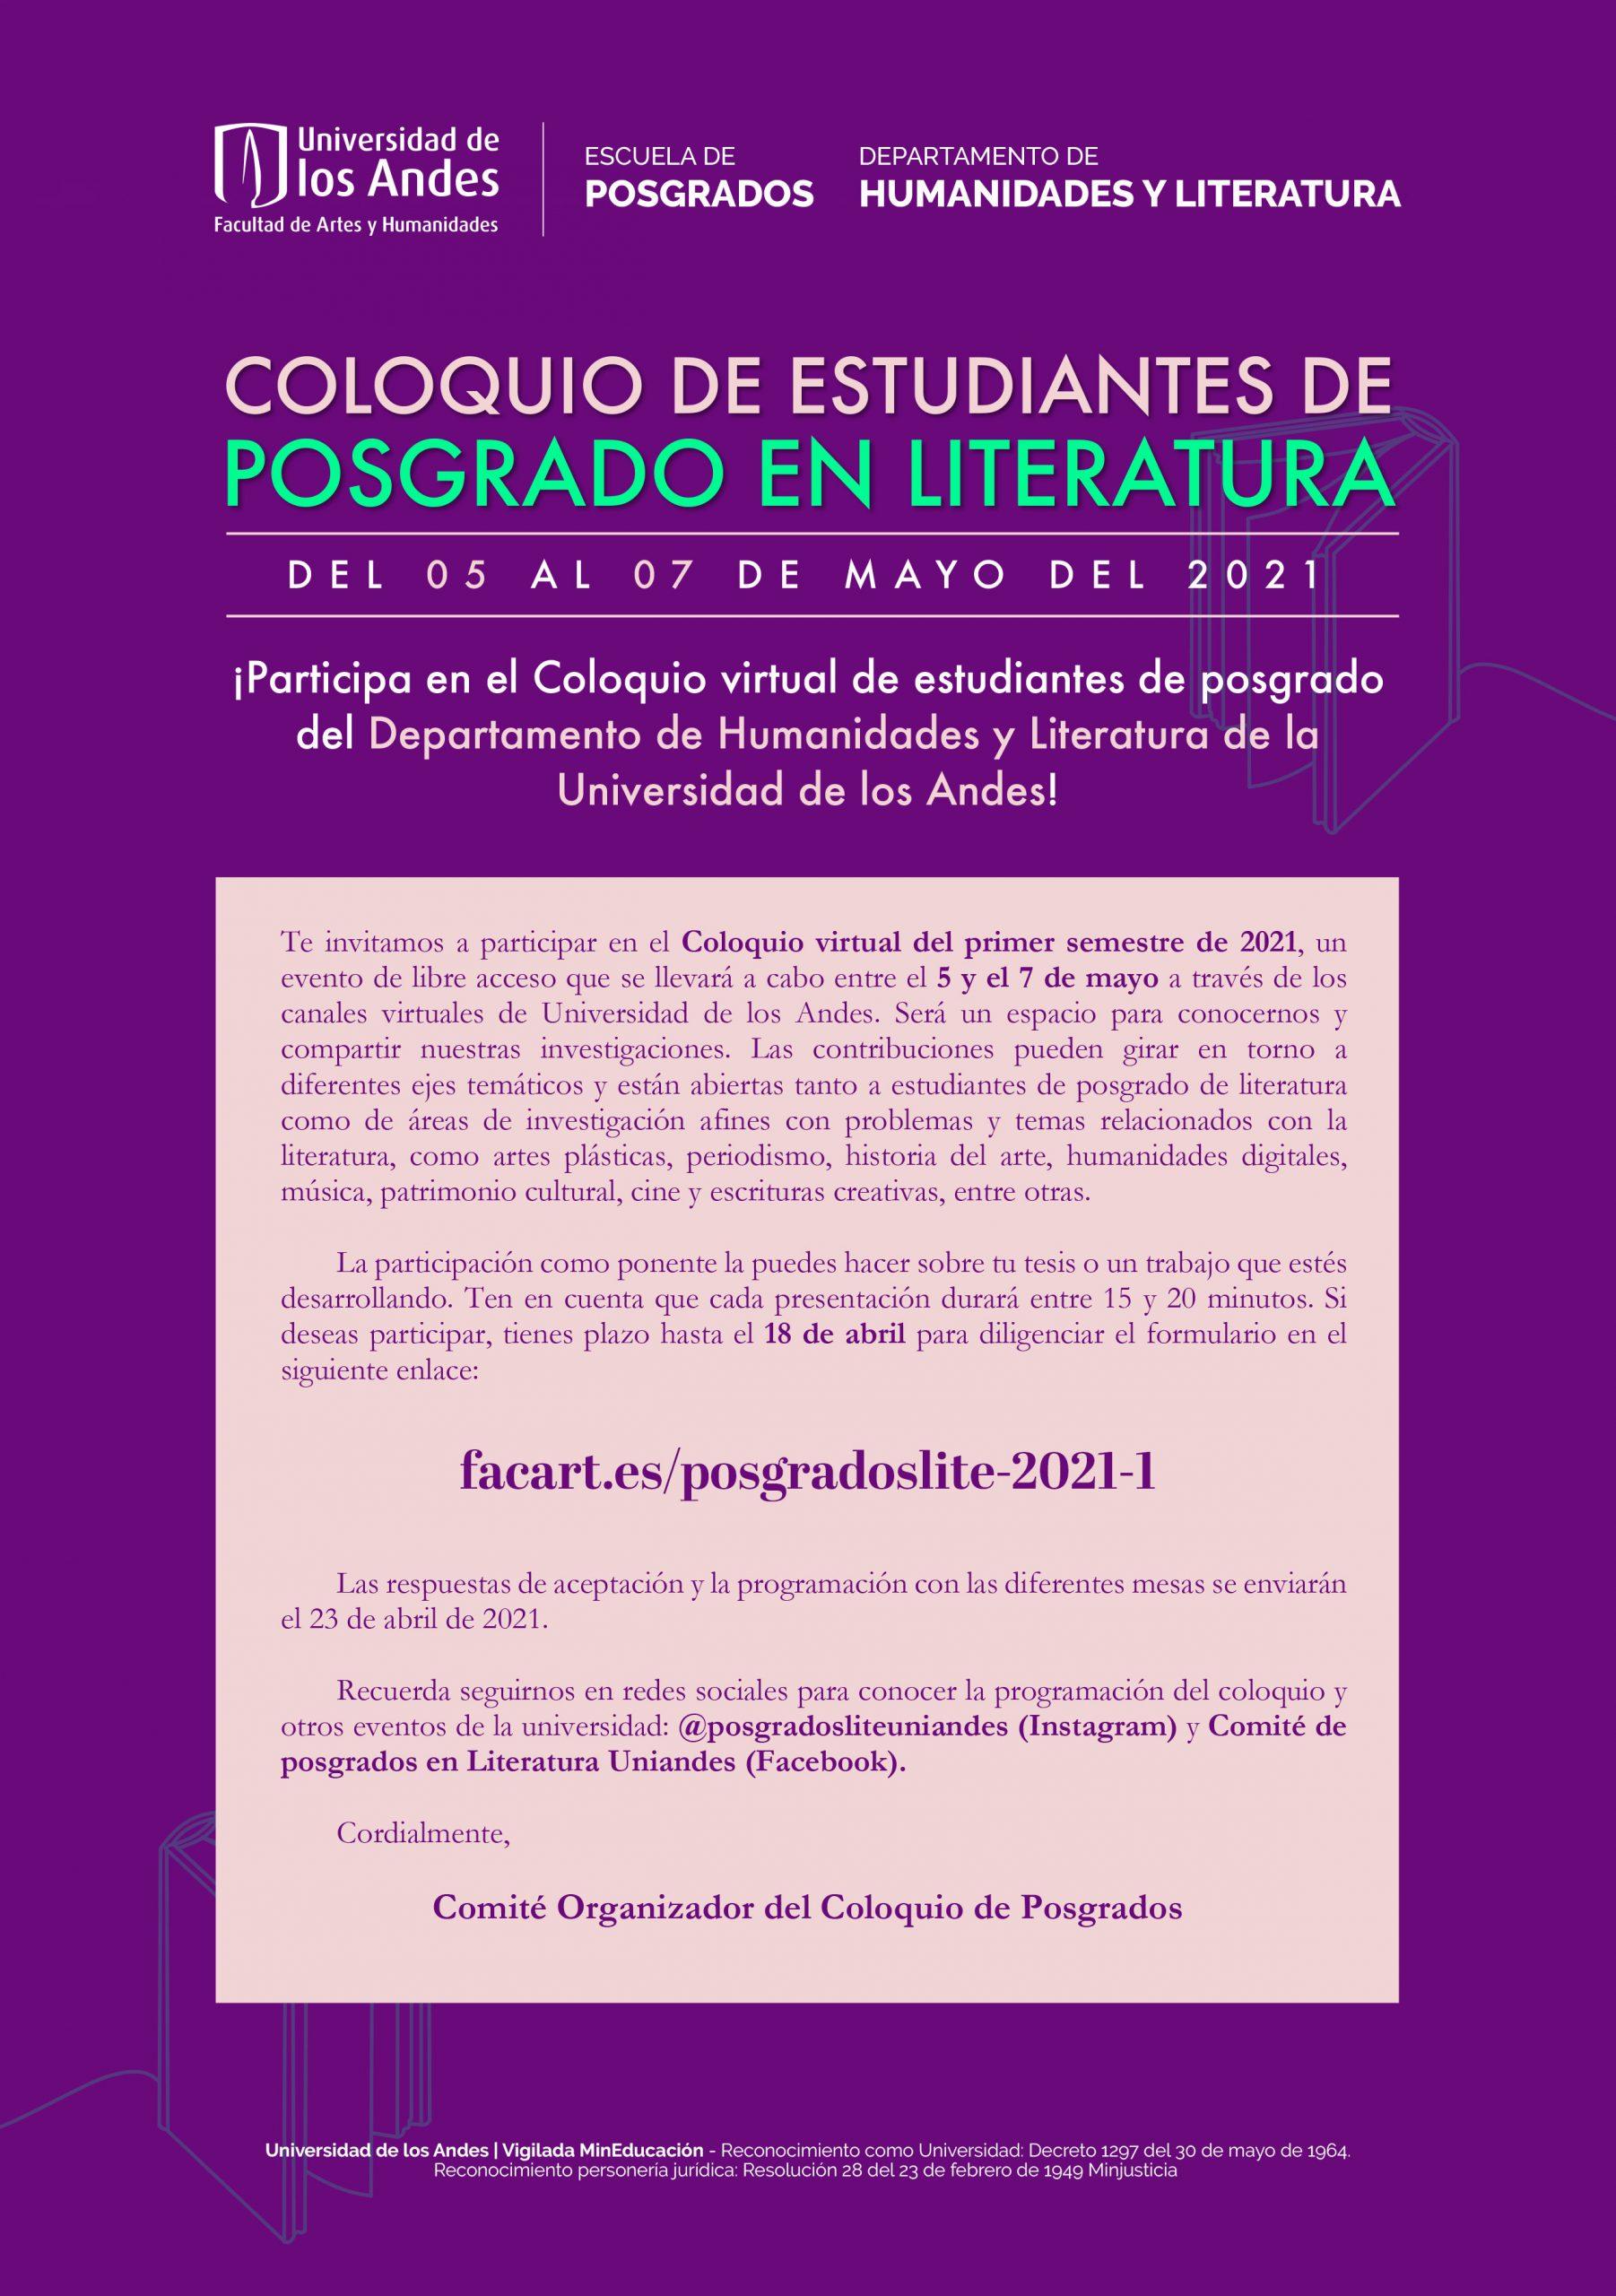 Convocatoria: Coloquio de estudiantes de posgrado en Literatura